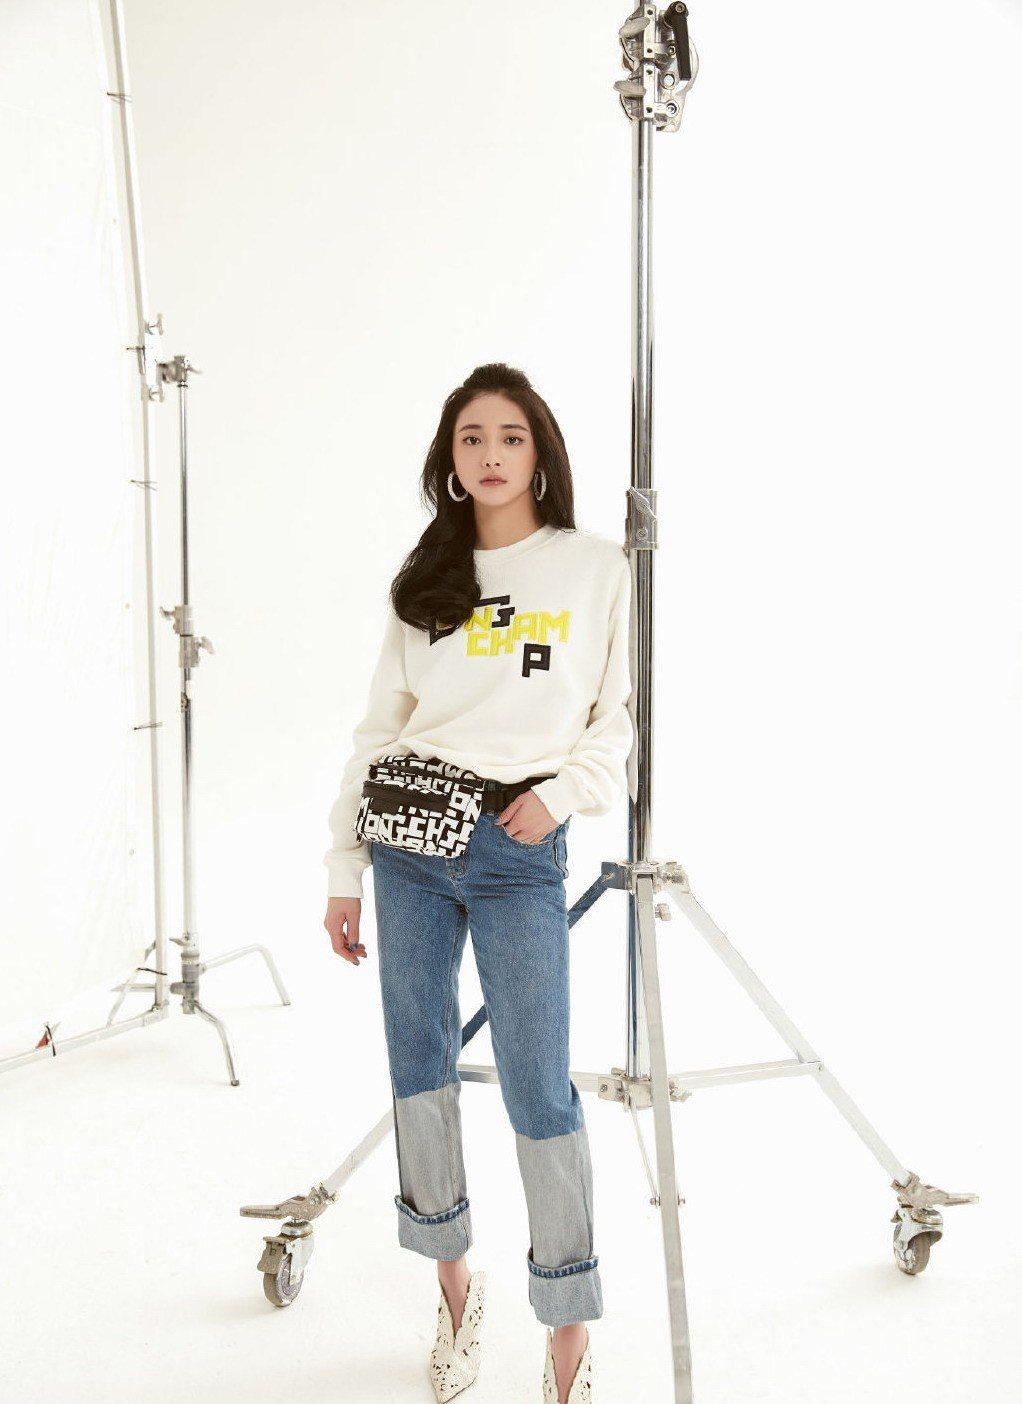 20歲的周潔瓊以腰包搭配同色LGP系列運動衫,展現年輕時髦。圖/取自微博